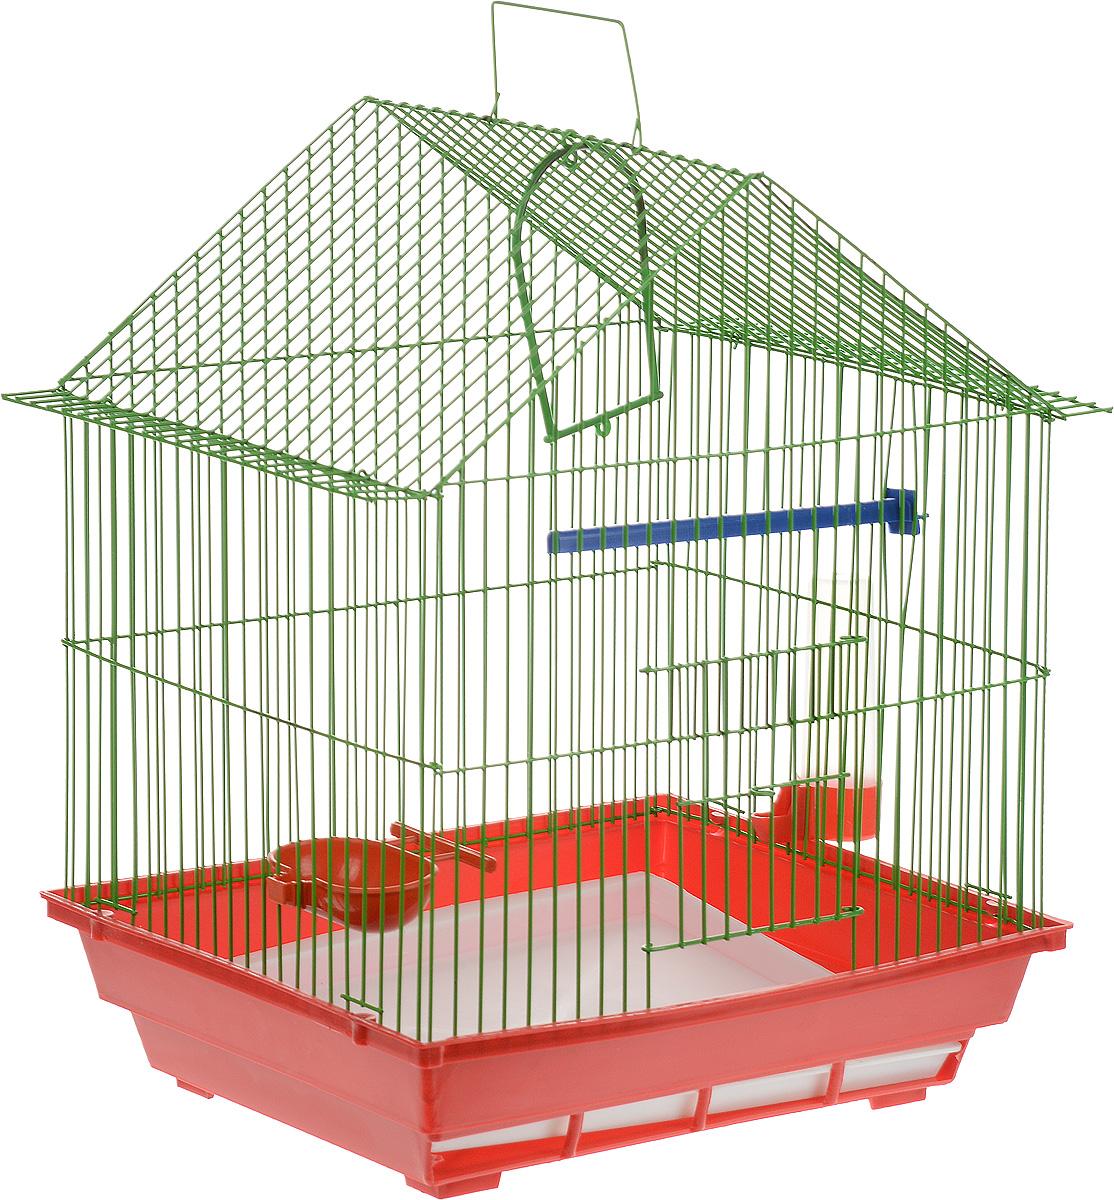 Клетка для птиц ЗооМарк, цвет: красный поддон, зеленая решетка, 39 х 28 х 42 см0120710Клетка ЗооМарк, выполненная из полипропилена и металла с эмалированным покрытием, предназначена для мелких птиц. Изделие состоит из большого поддона и решетки. Клетка снабжена металлической дверцей. В основании клетки находится малый поддон. Клетка удобна в использовании и легко чистится. Она оснащена кольцом для птицы, поилкой, кормушкой и подвижной ручкой для удобной переноски. Комплектация: - клетка с поддоном; - малый поддон; - поилка; - кормушка;- кольцо.Размер клетки: 39 см х 28 см х 42 см.